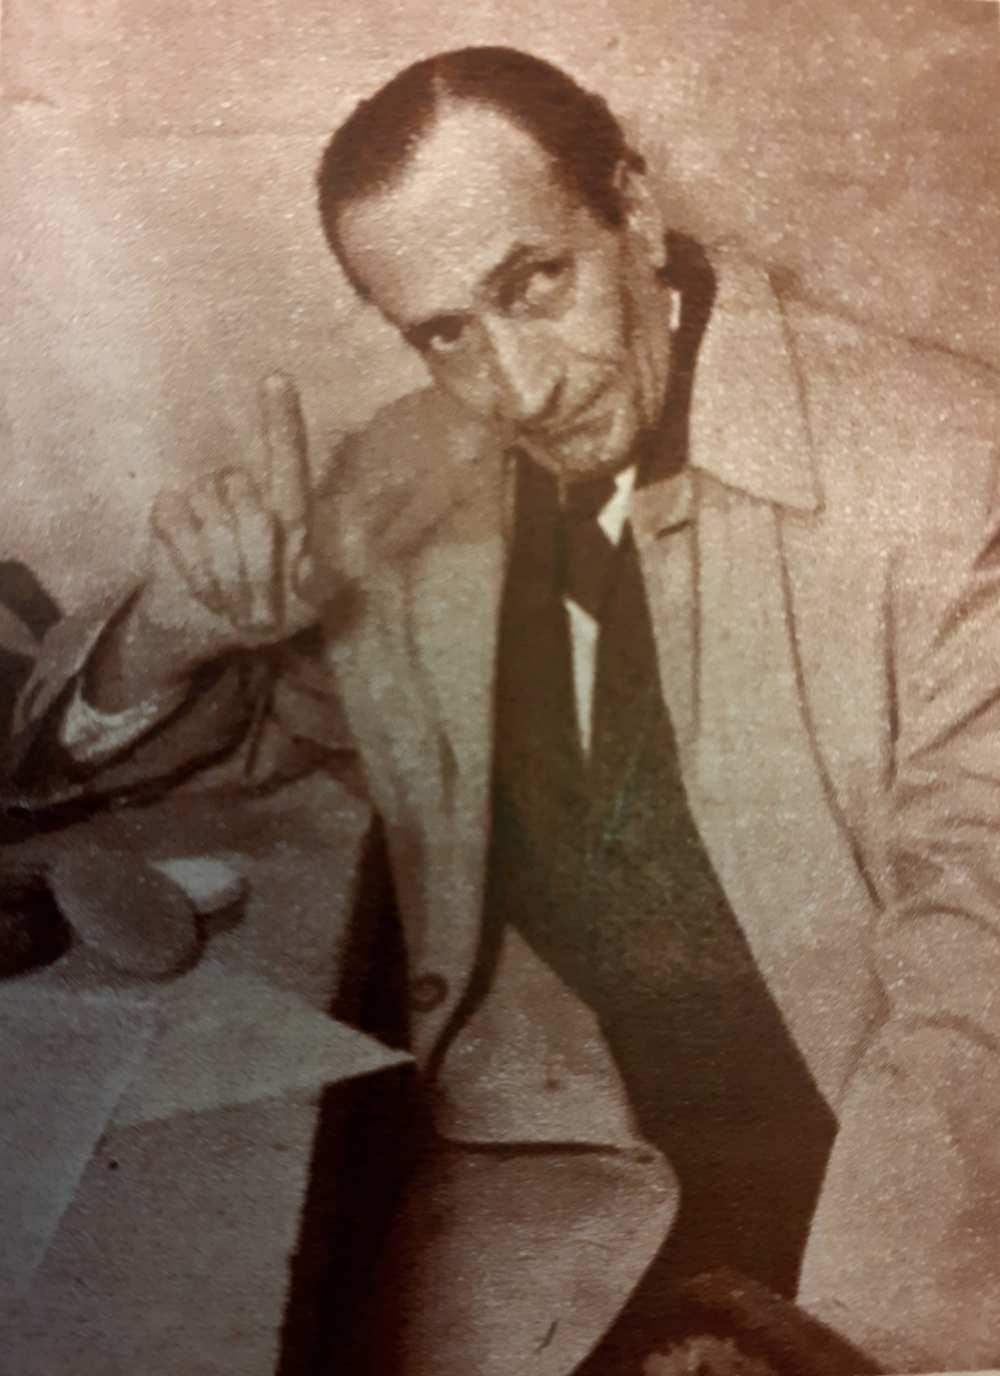 """Benedek Tibor mint Zacsek. """"Péntektől péntekig"""" rovat. In. Film Színház Muzsika, 6. évf., 19. szám, 1962. május 11., 3. – Törzsgyűjtemény http://nektar.oszk.hu/hu/manifestation/1001391"""